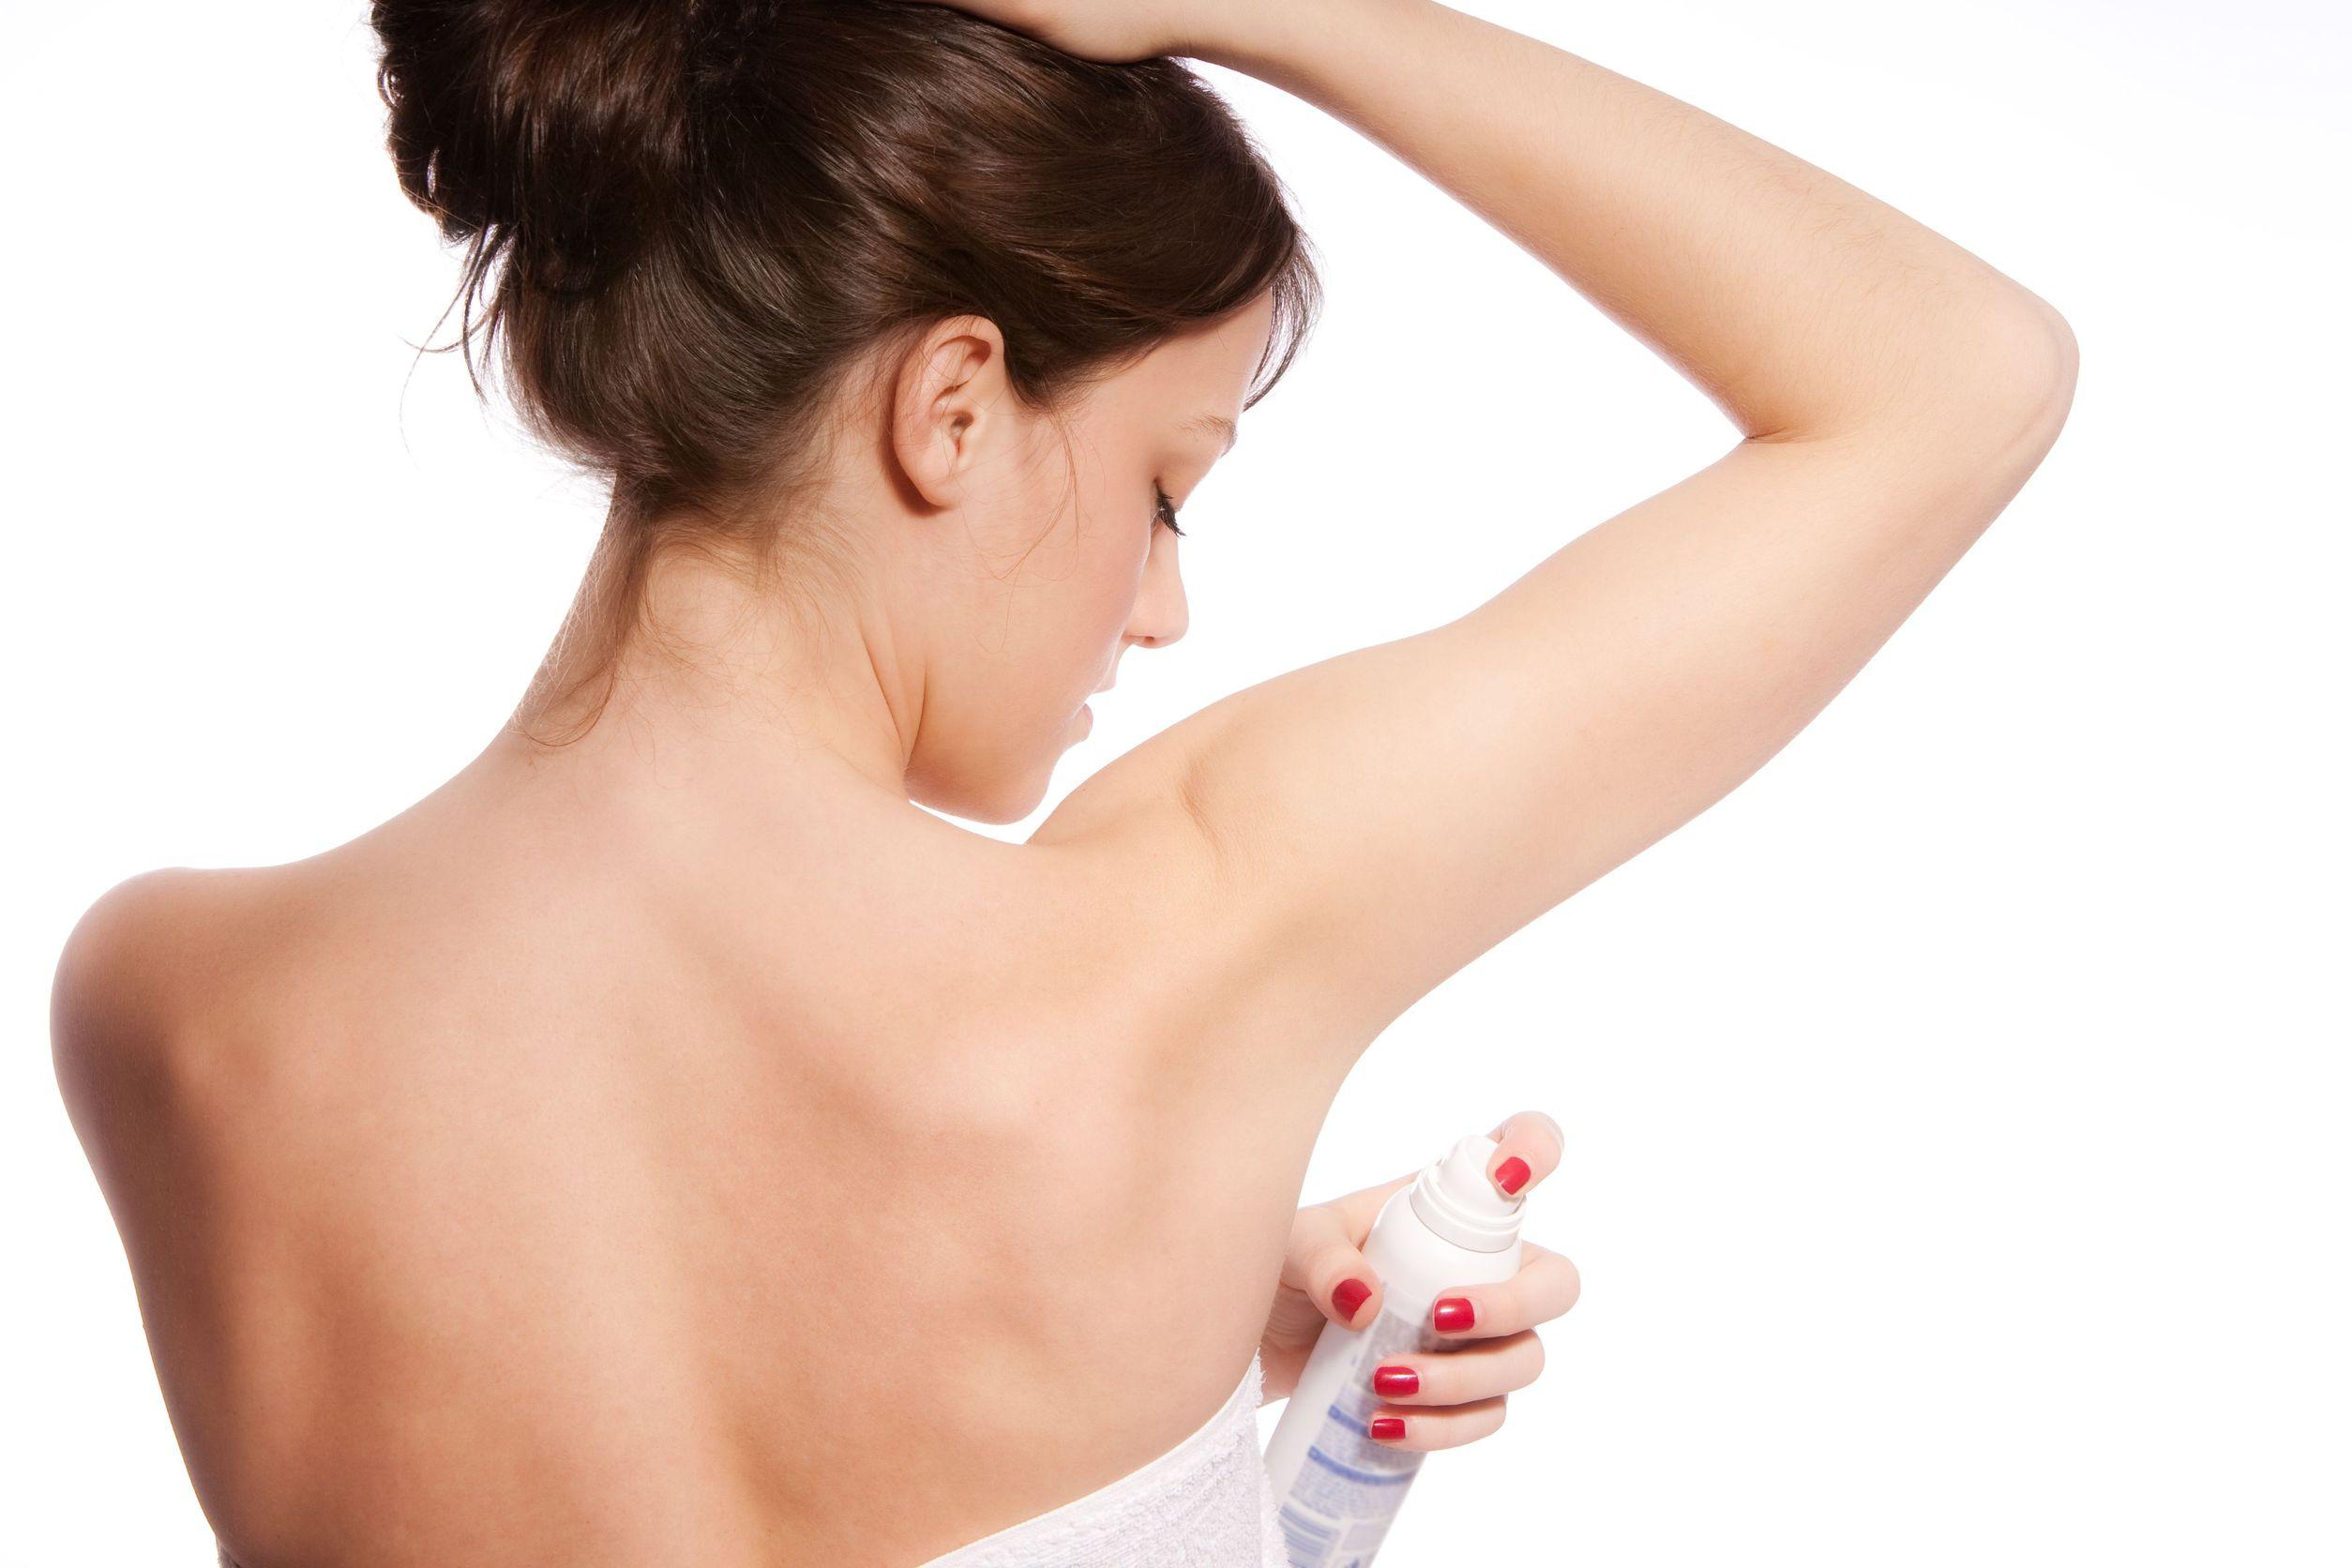 Pielęgnacja podrażnionych pach. Jak wybrać właściwy dezodorant?